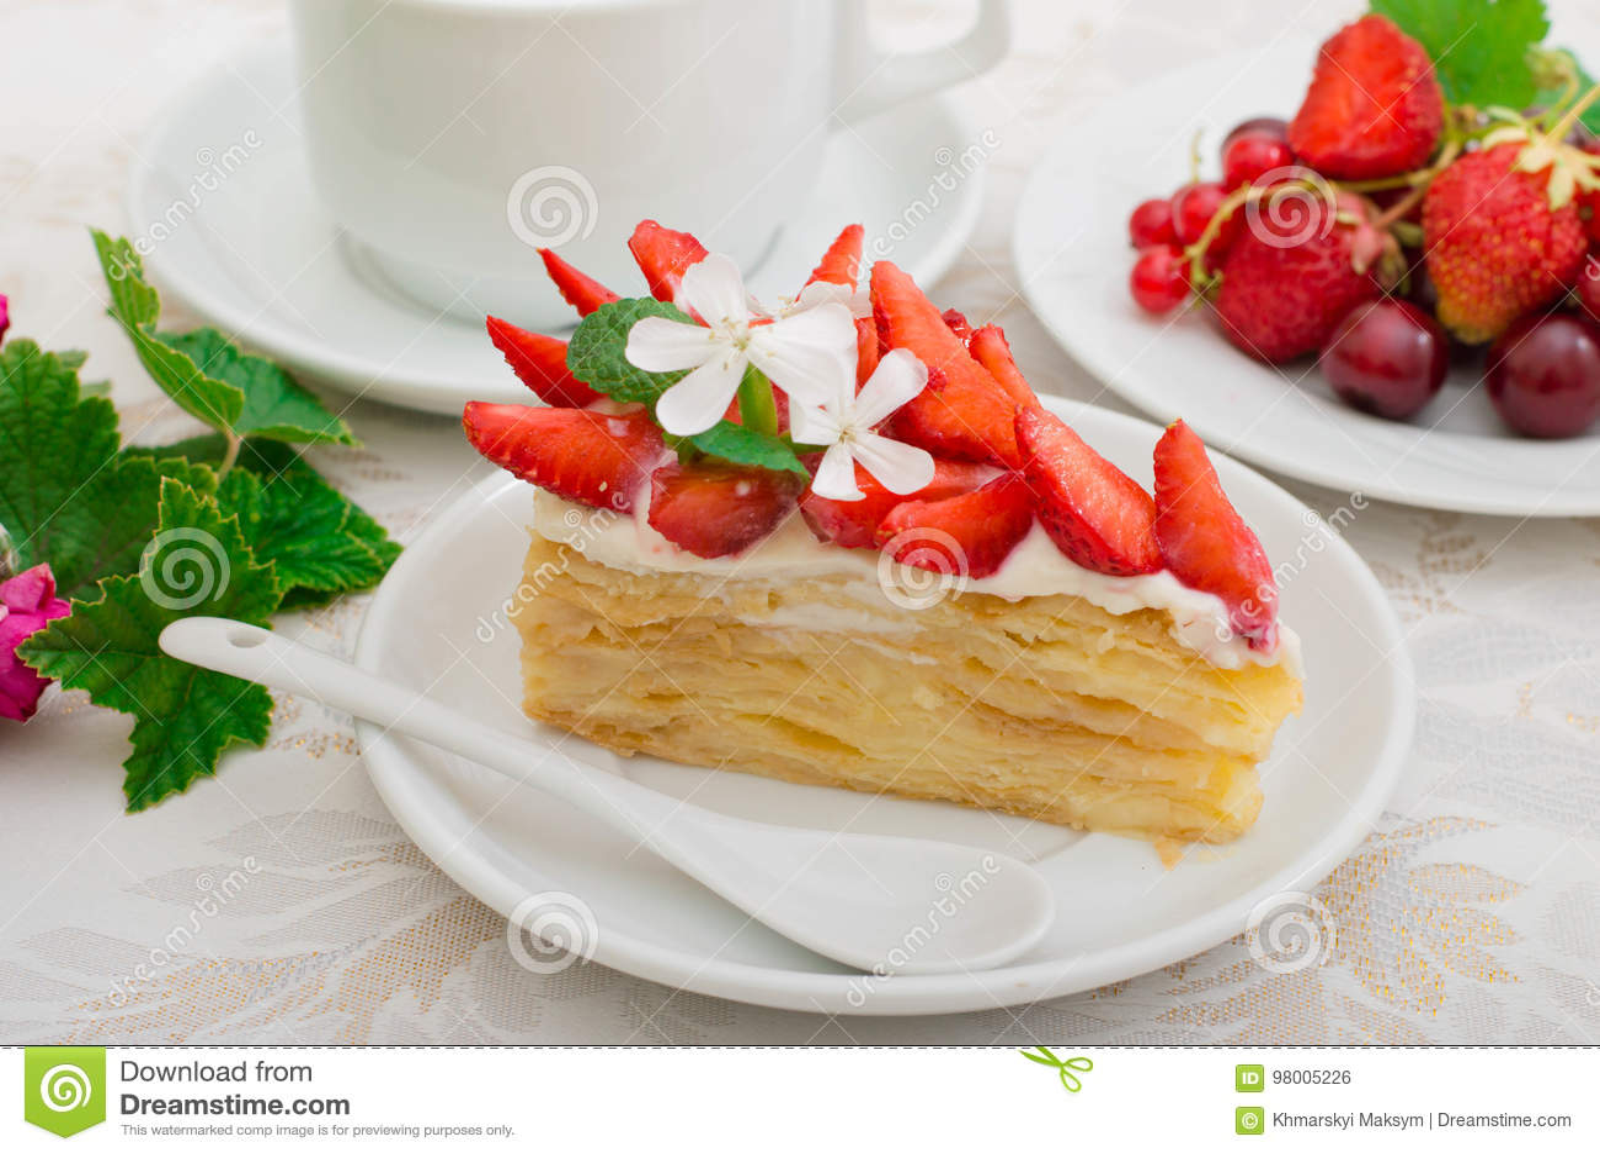 拿破仑蛋糕用草莓 木背景 特写镜头 顶视图